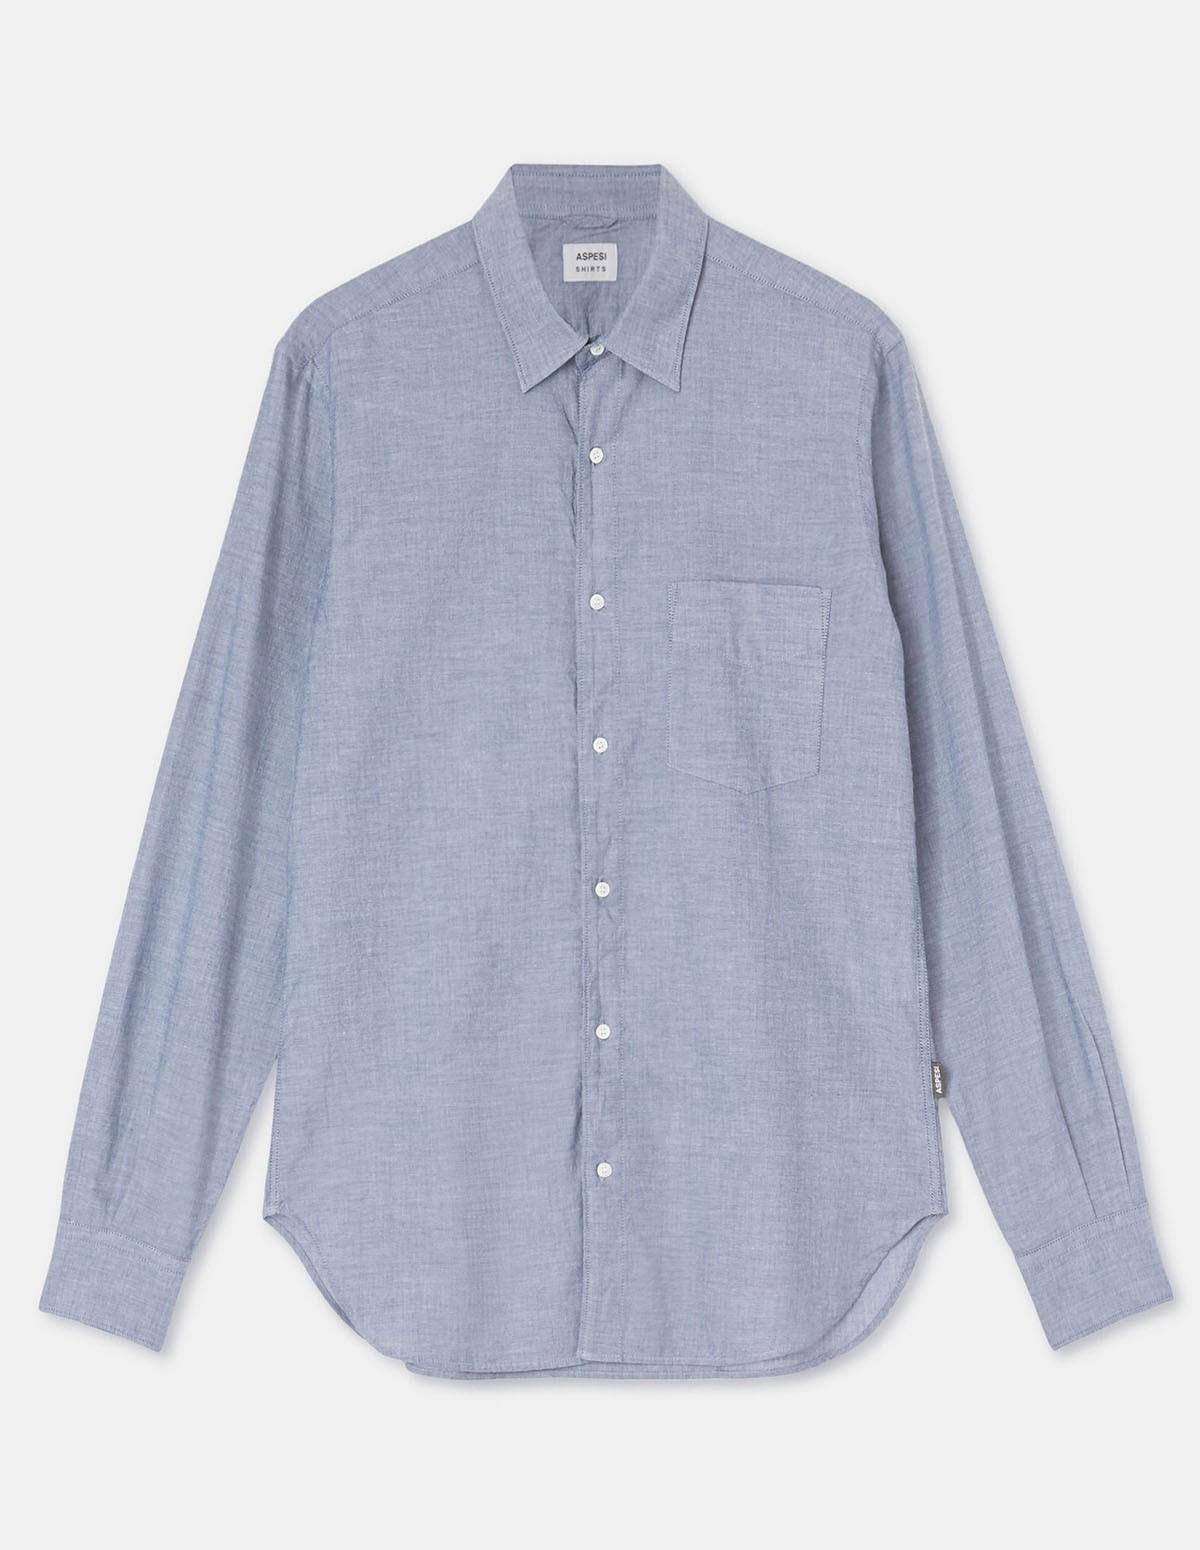 Aspesi Ridotta Ii Shirt - CHAMBRAY